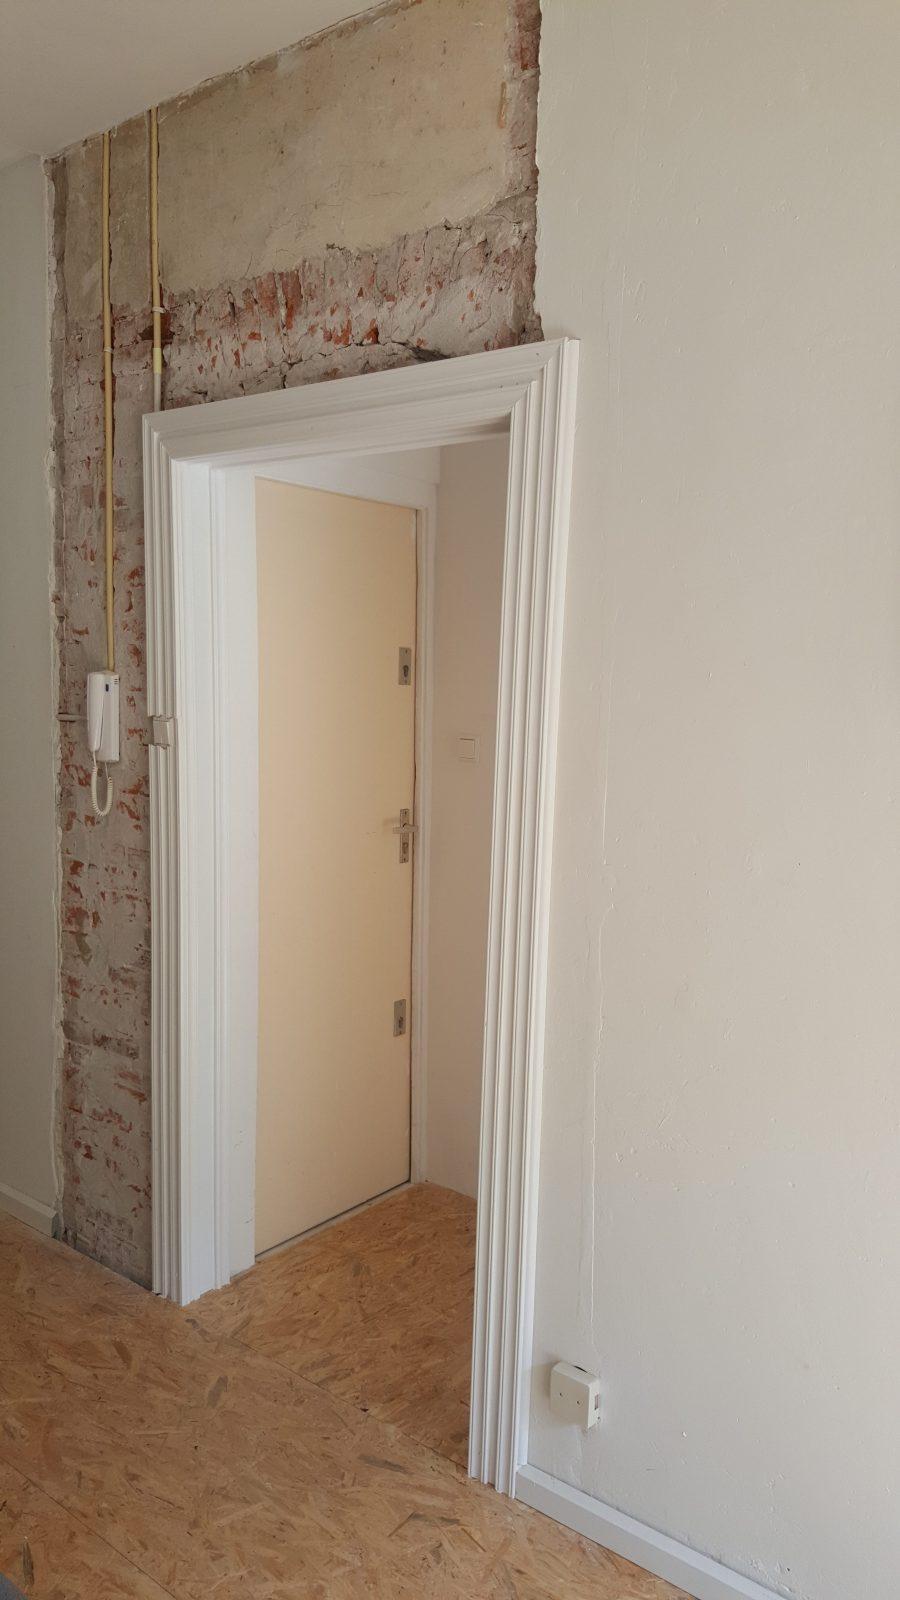 rbhoutwerk deuromlijsting oud